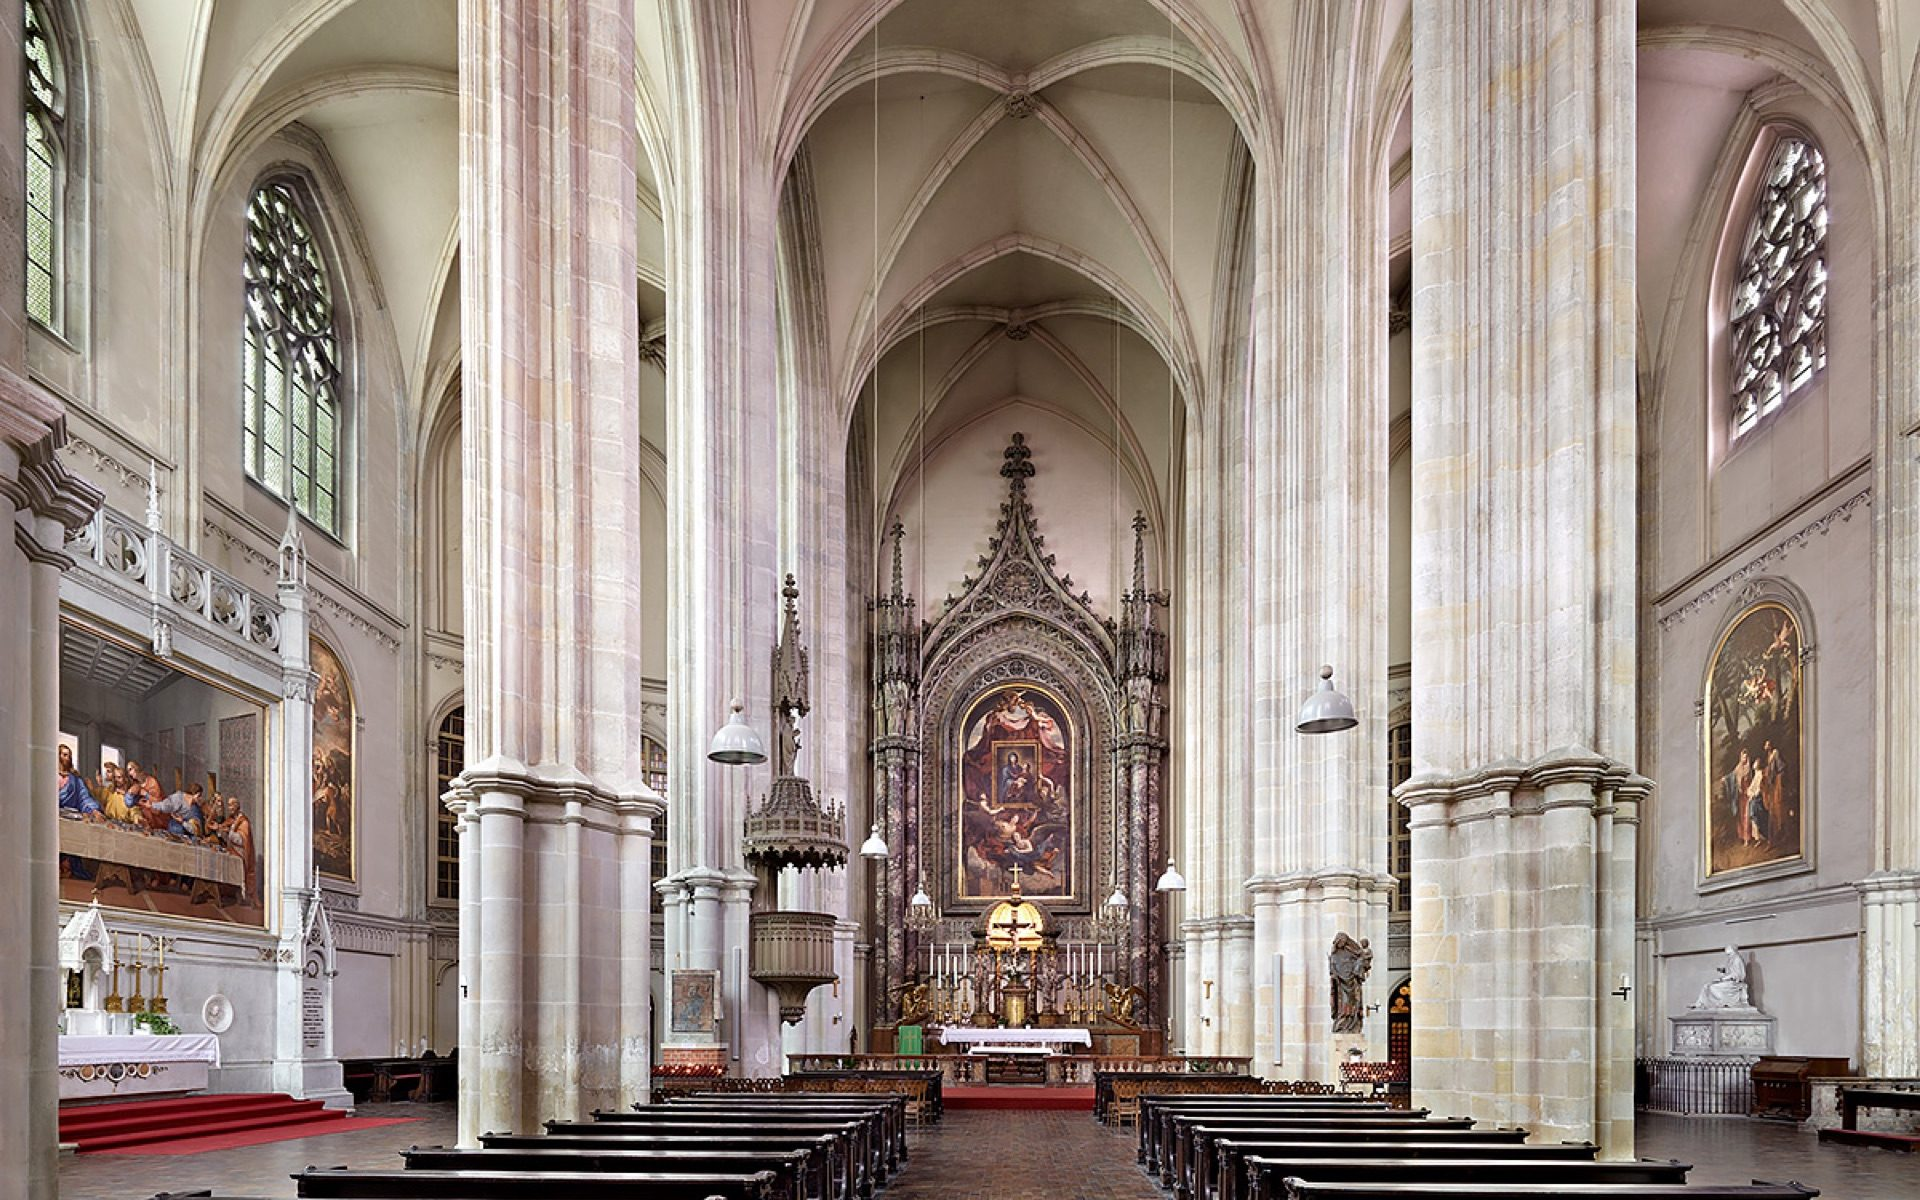 Klassik Konzert tickets Wien Austria concerts